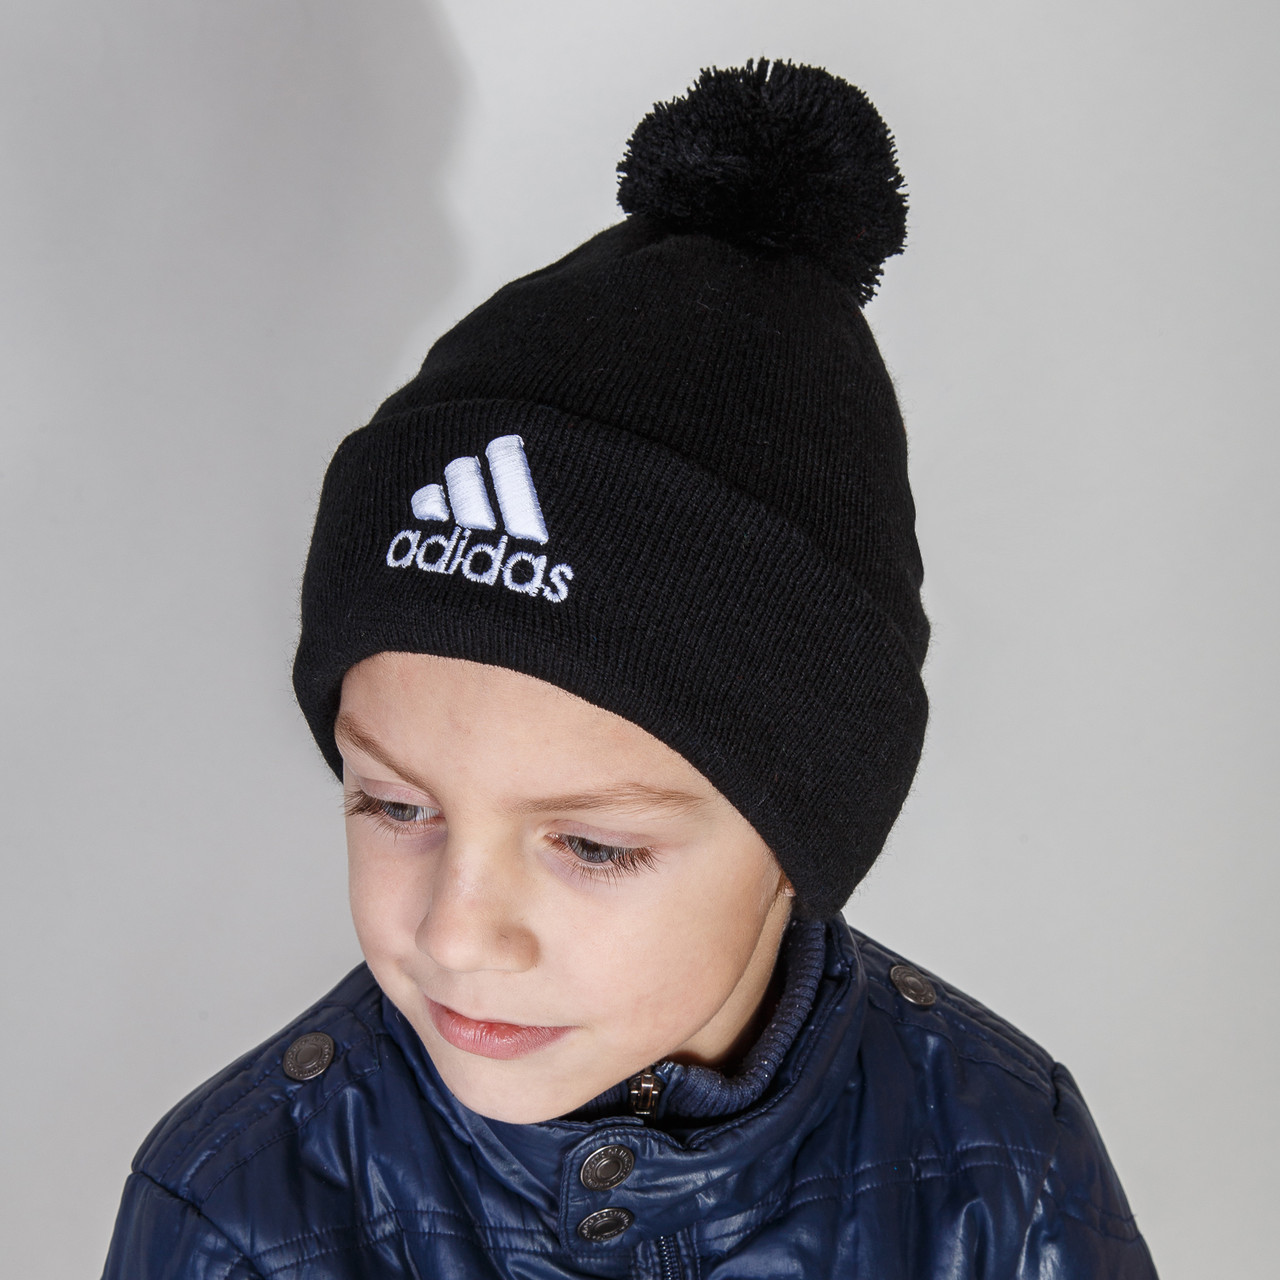 Брендовая шапка на зиму для мальчика с помпоном Adidas (реплика) оптом - Артикул 2858